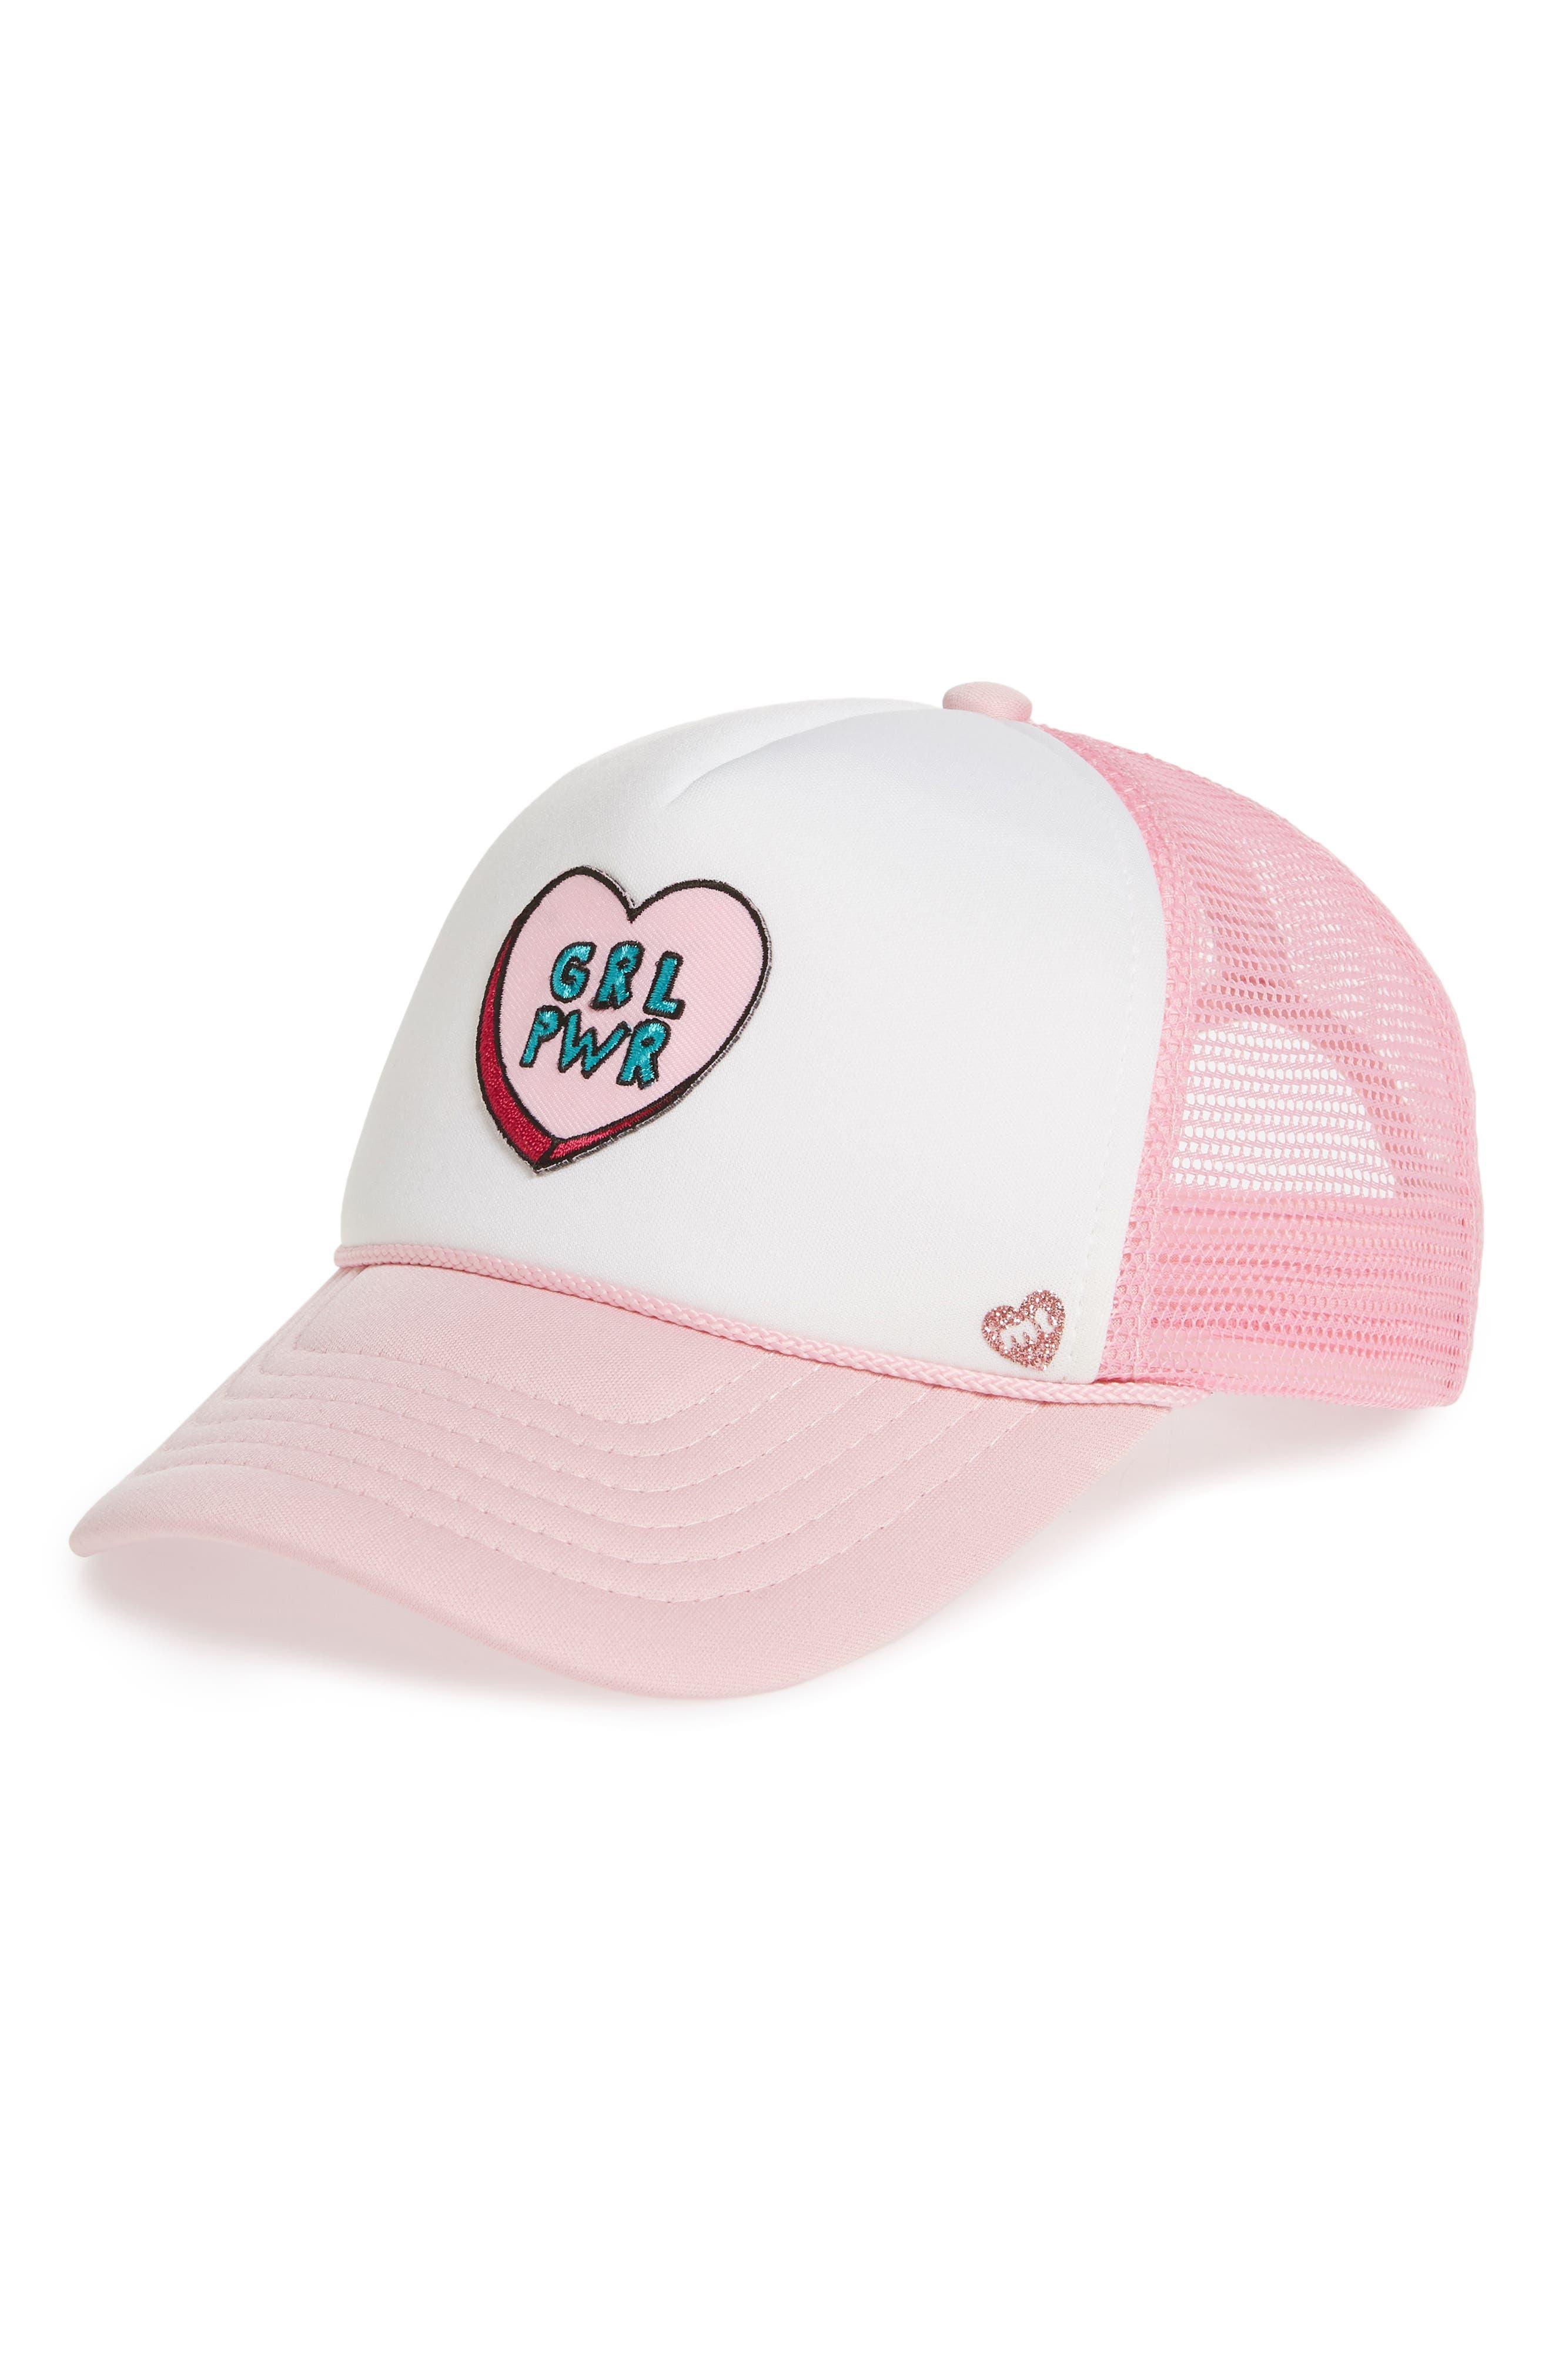 MOTHER TRUCKER & CO. Girl Power Trucker Hat, Main, color, LT PNK/ WHT